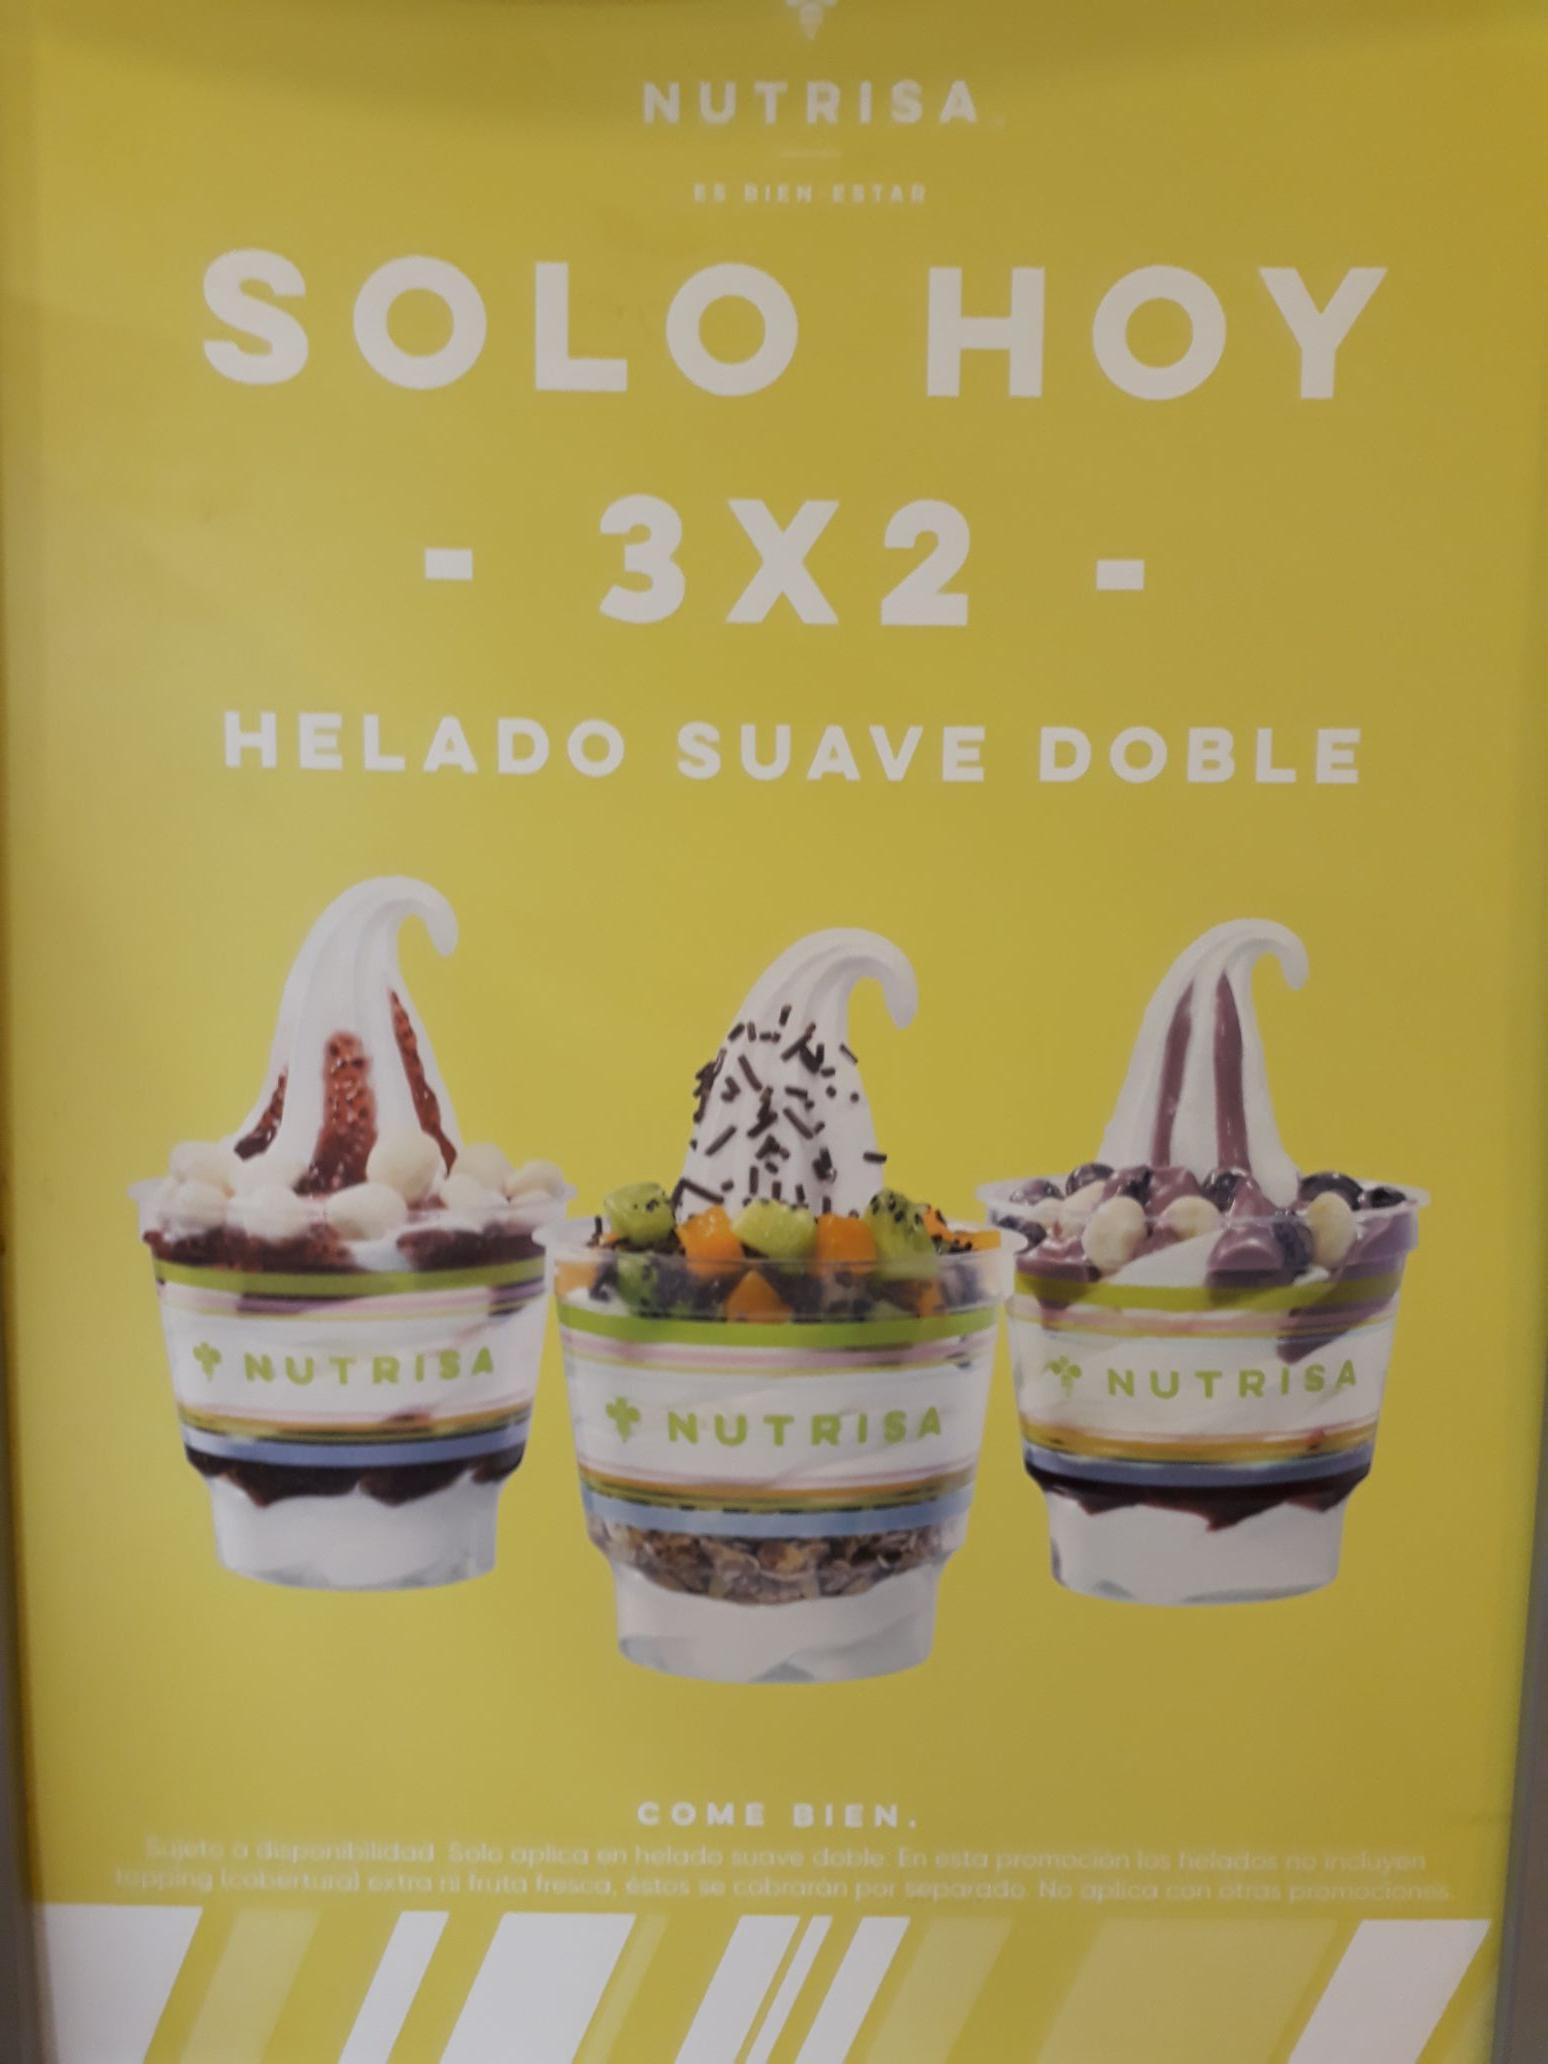 Nutrisa: 3x2 en Helado Suave Doble y Paletas $20.00